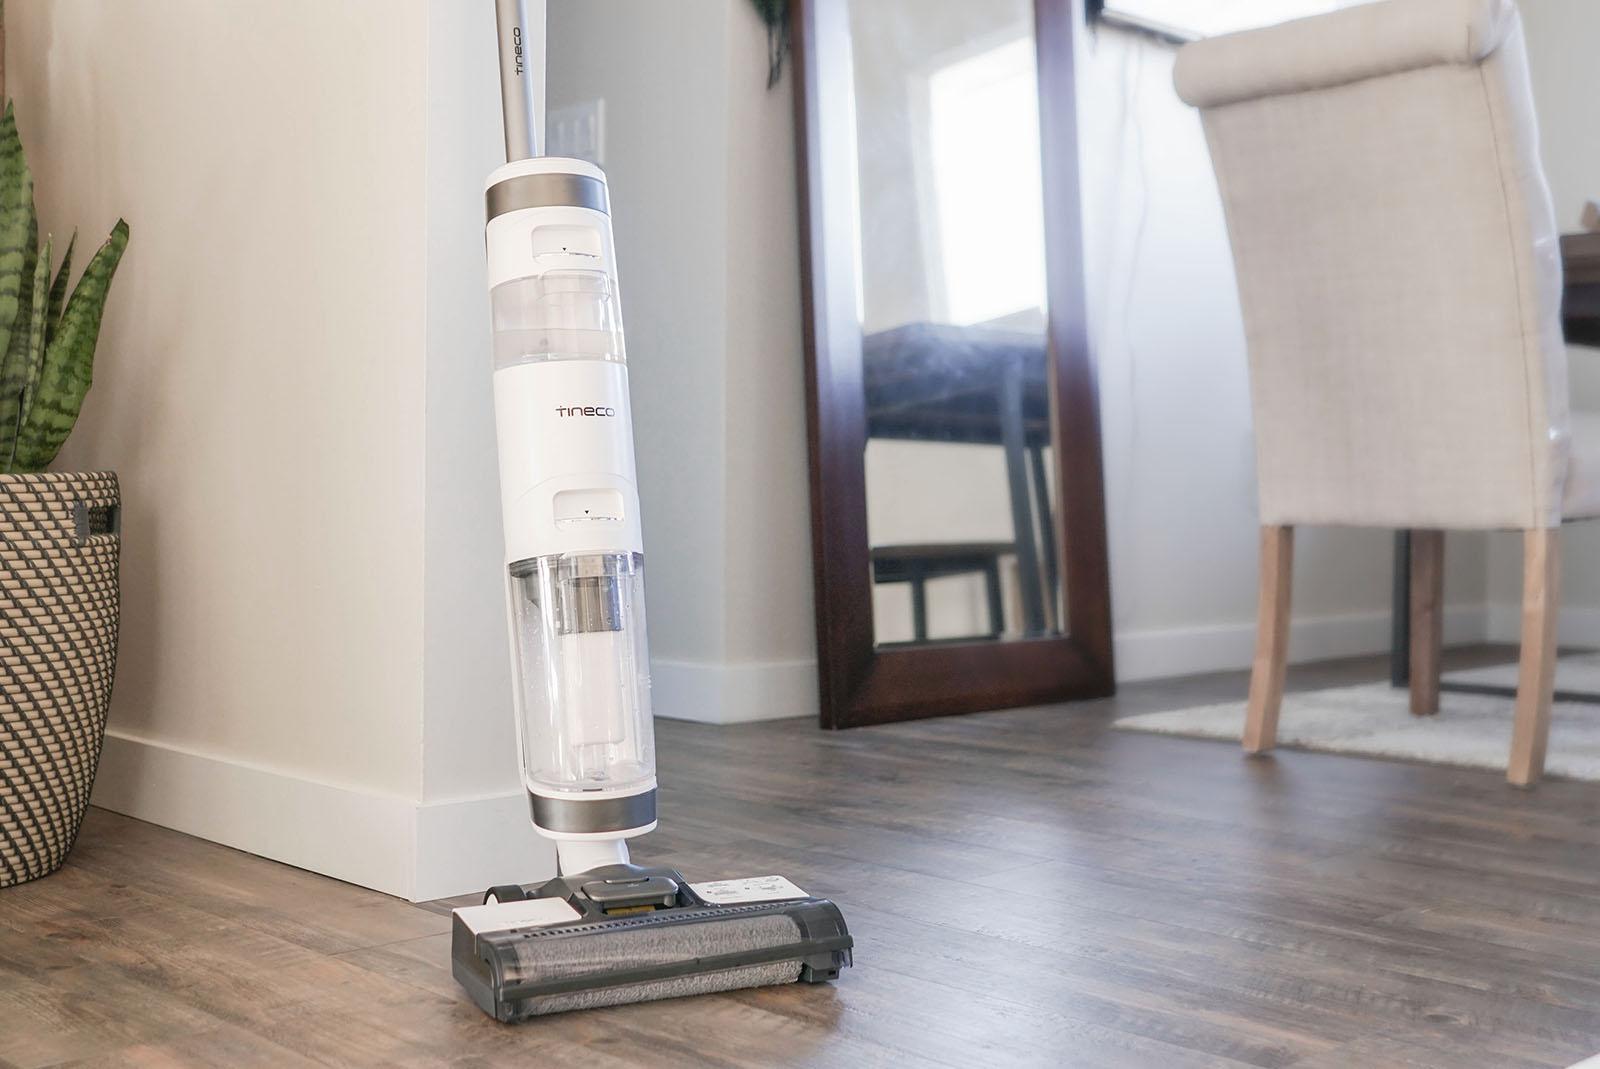 Tineco iFloor 3 Wet-Dry Upright Vacuum review